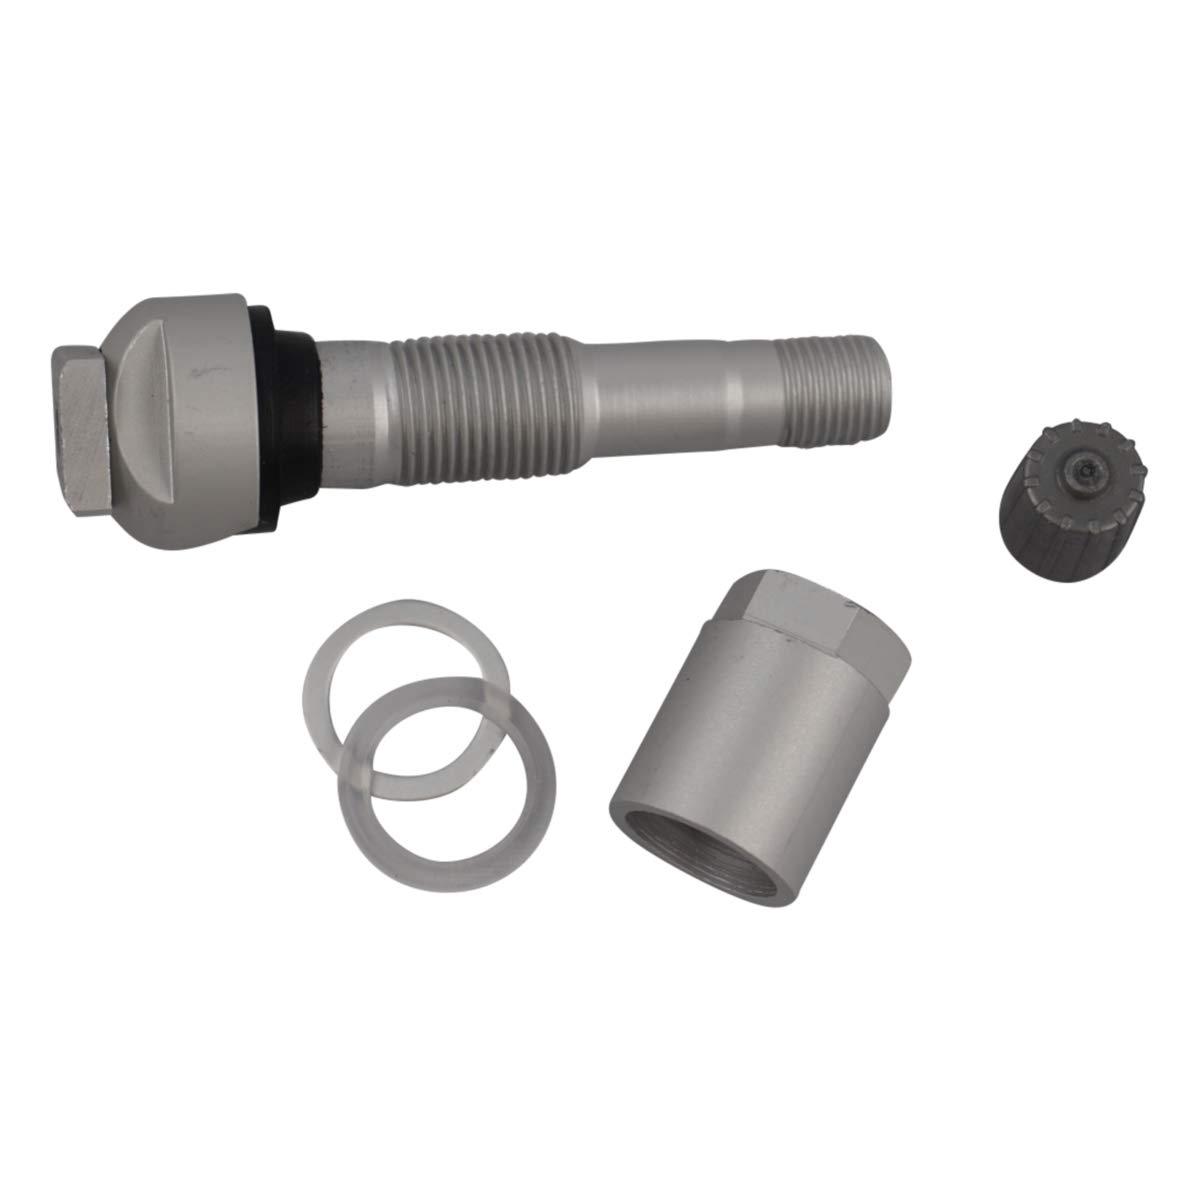 Autoparts kit r/éparation Valve Capteur Pression Pneu Dodge Durango Aspen Nitro